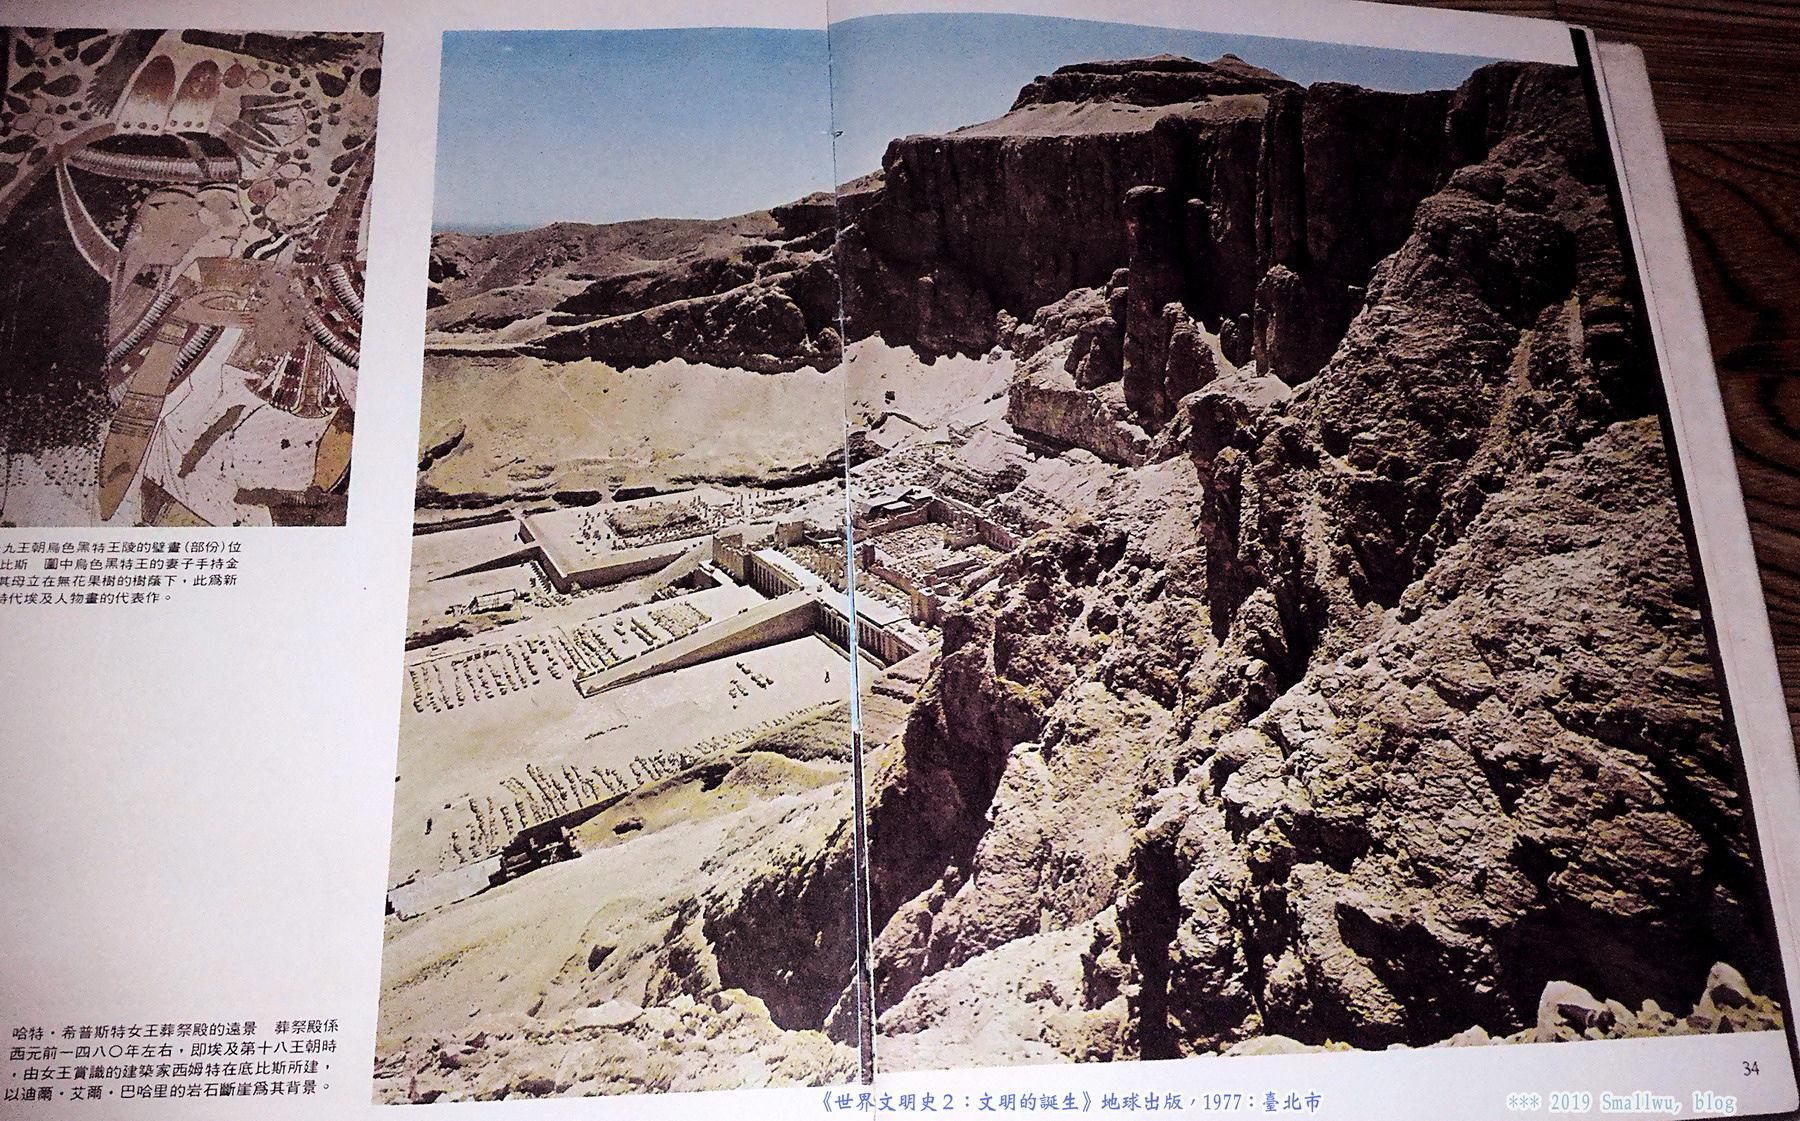 世界文明史2-文明的誕生-05 哈謝普蘇寢廟 Hatshepsut.jpg